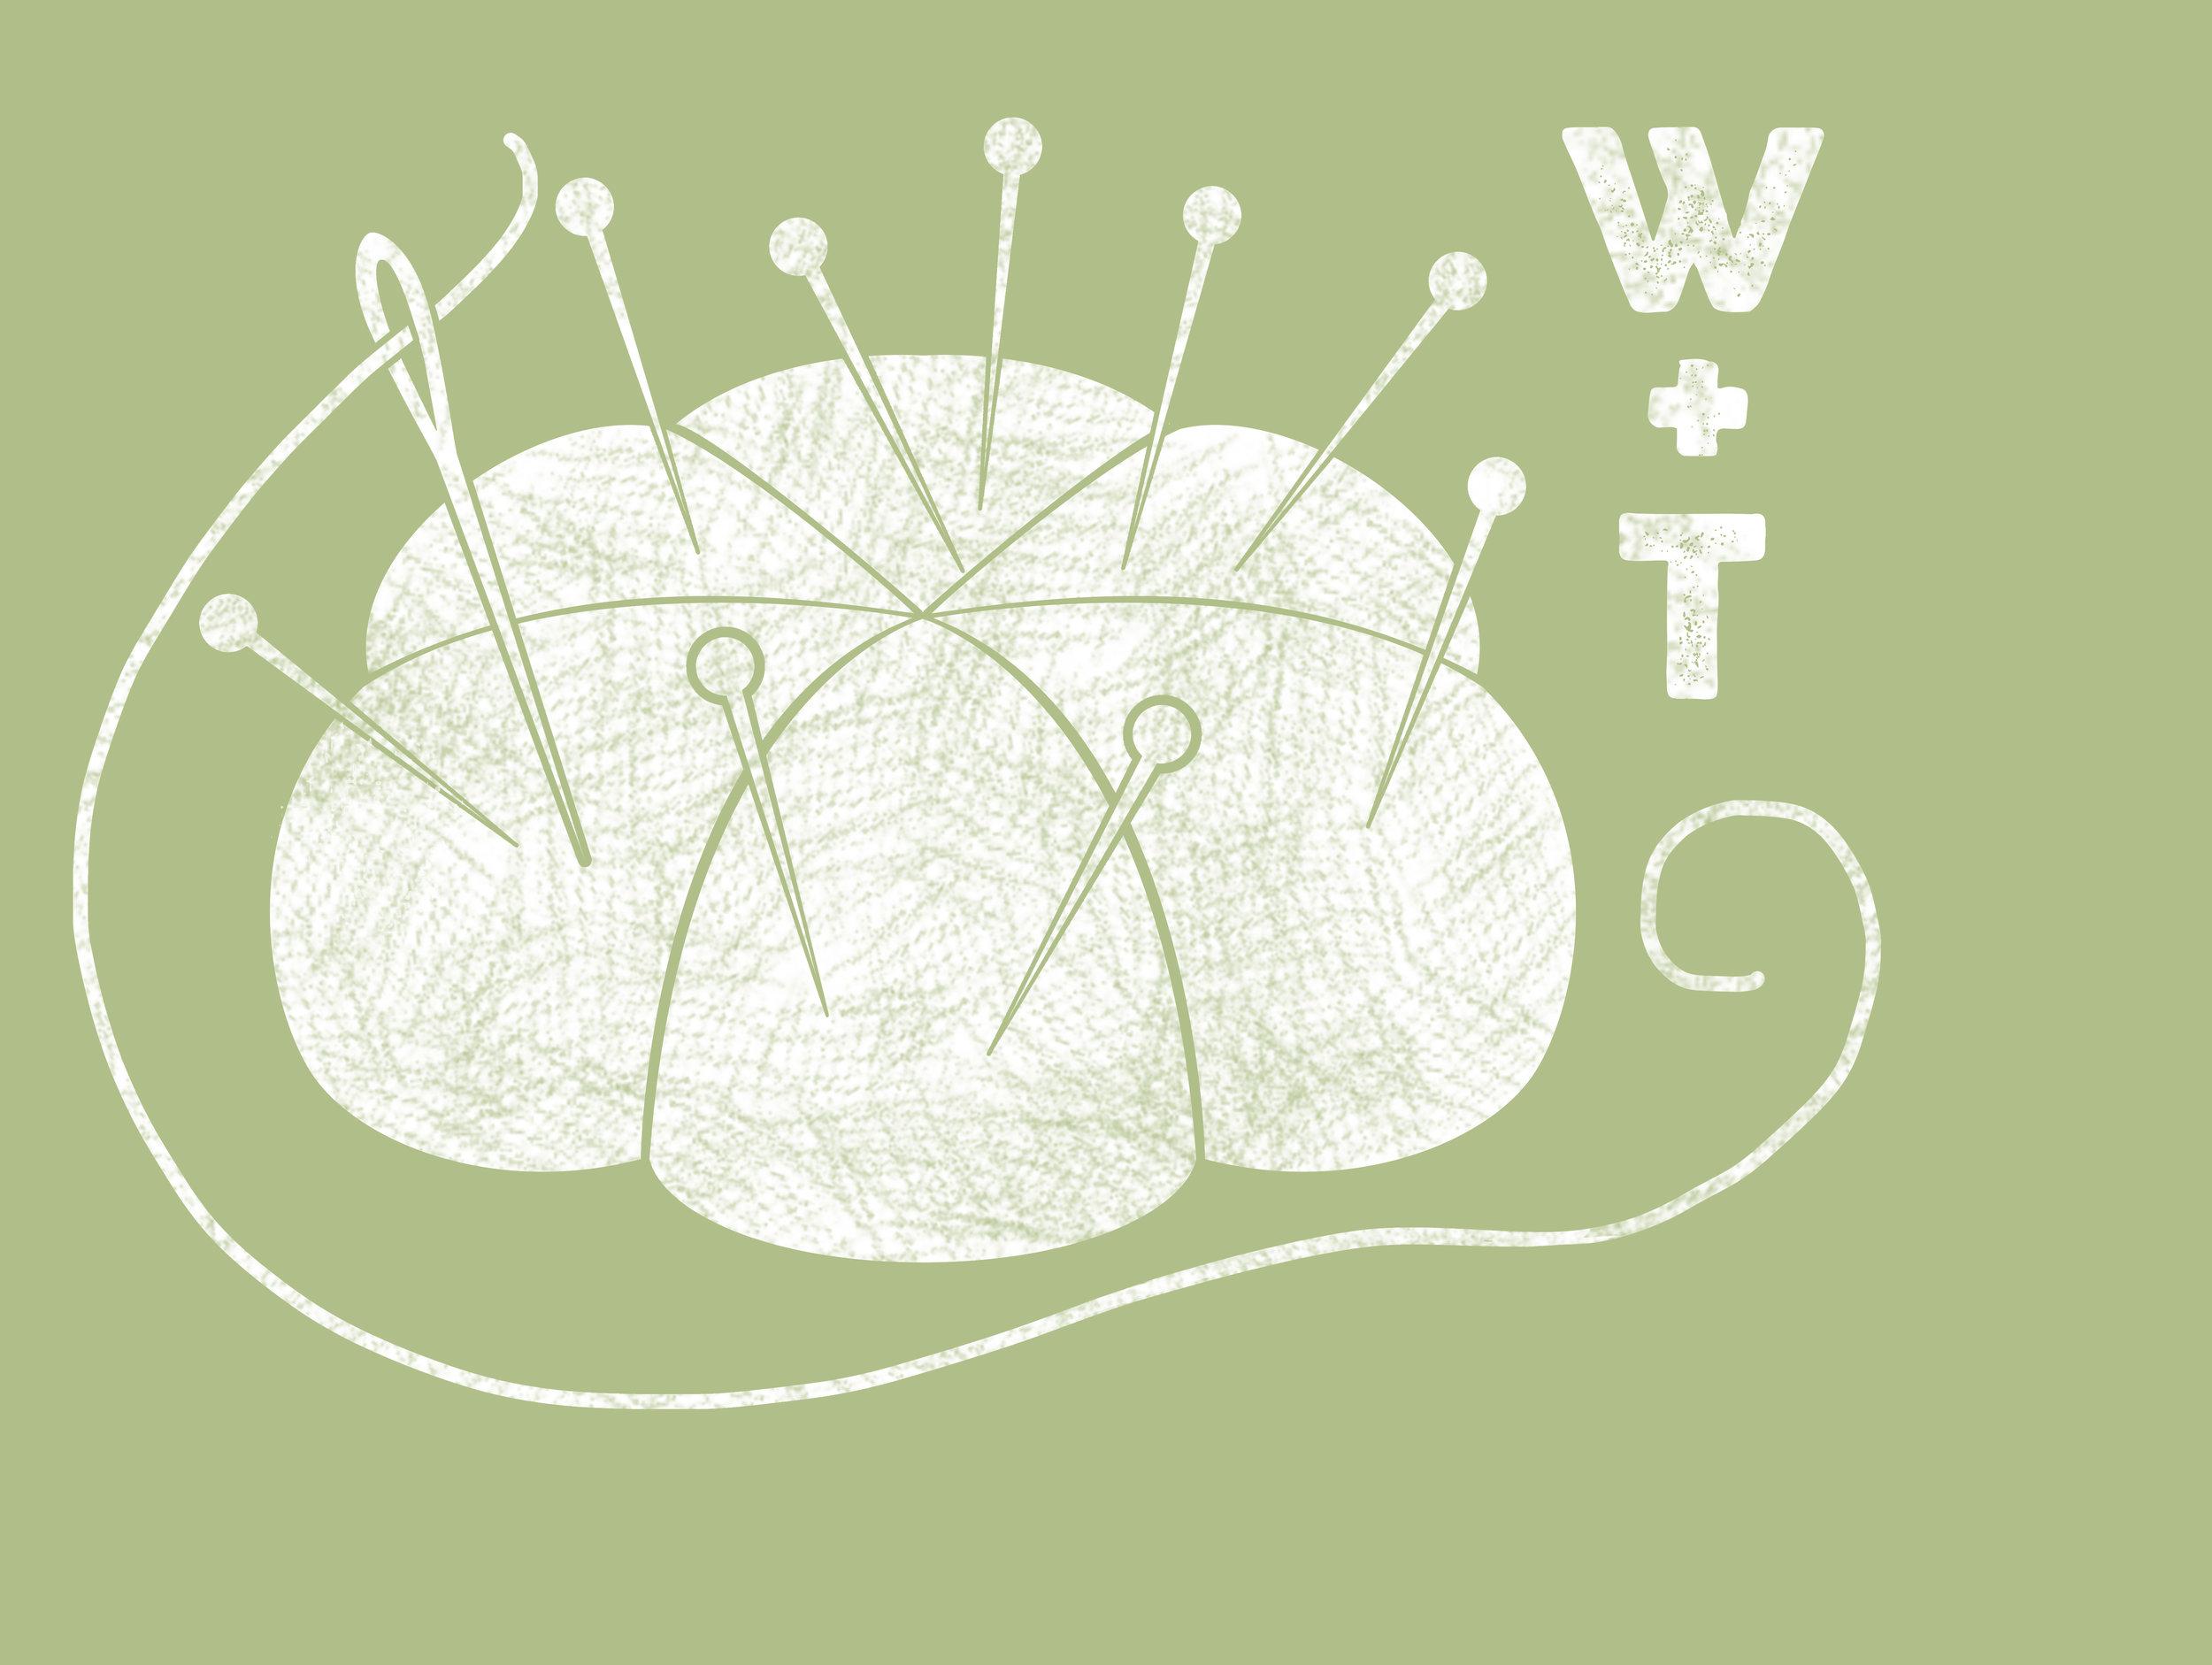 William and Tilda  - Logo design version 1